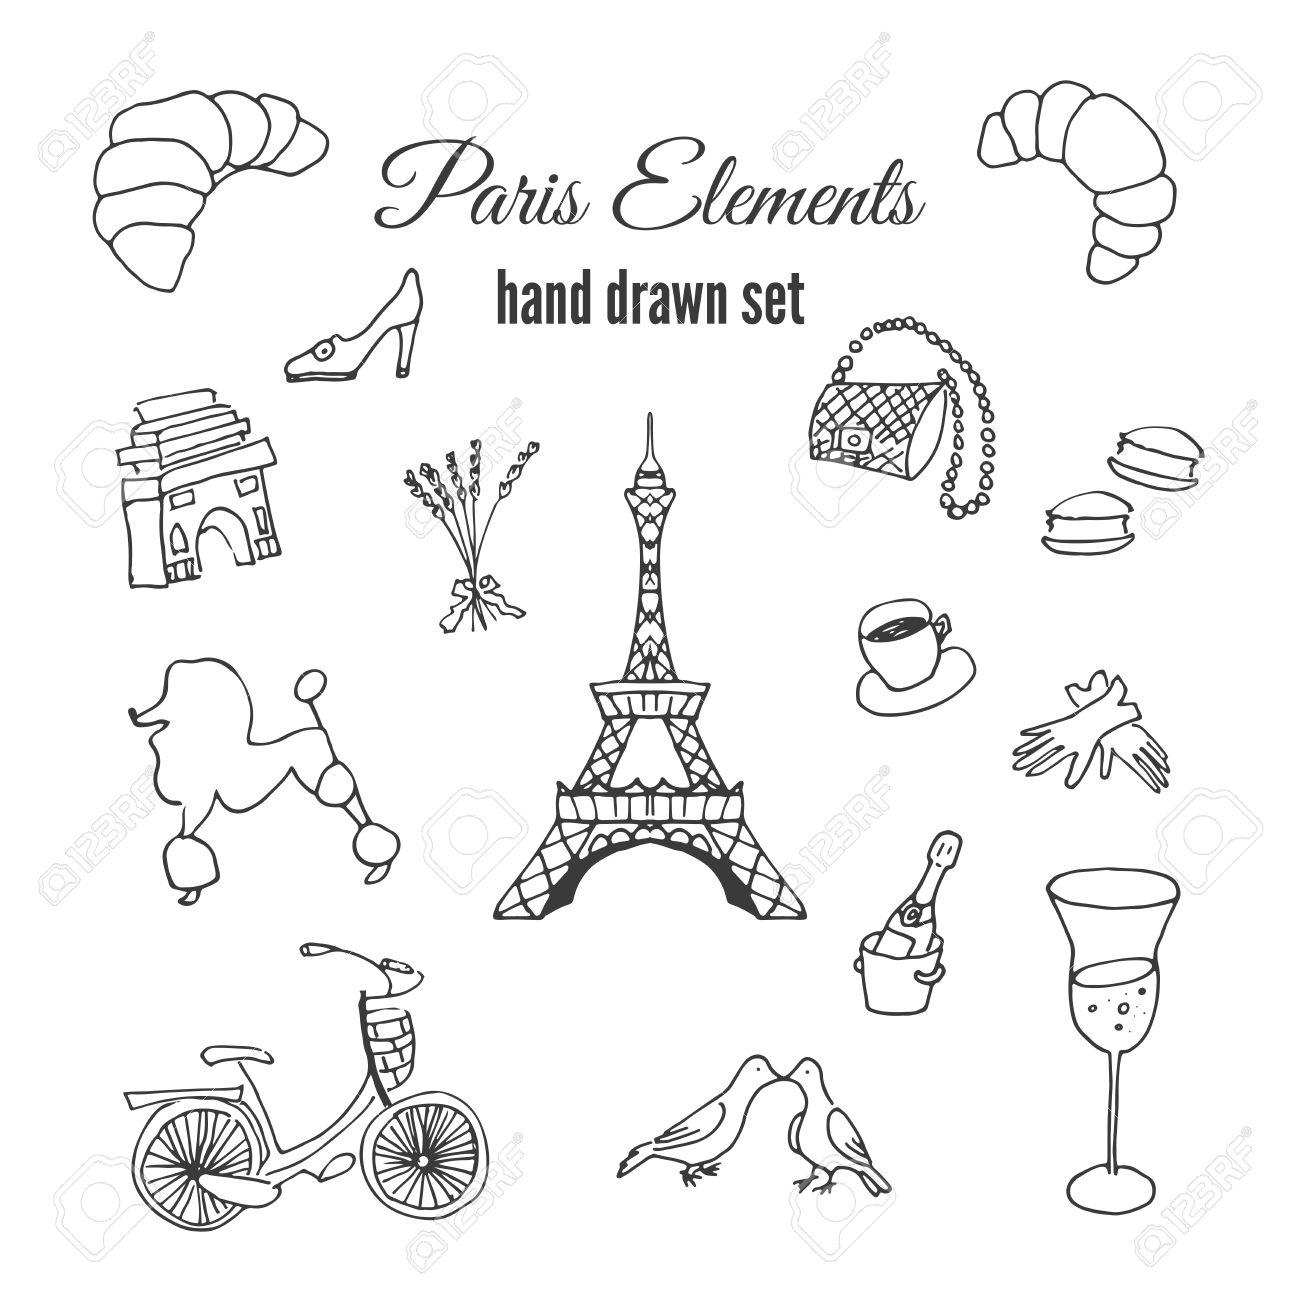 1300x1300 Paris Illustrations. Hand Drawn France Elements. Doodle Elements